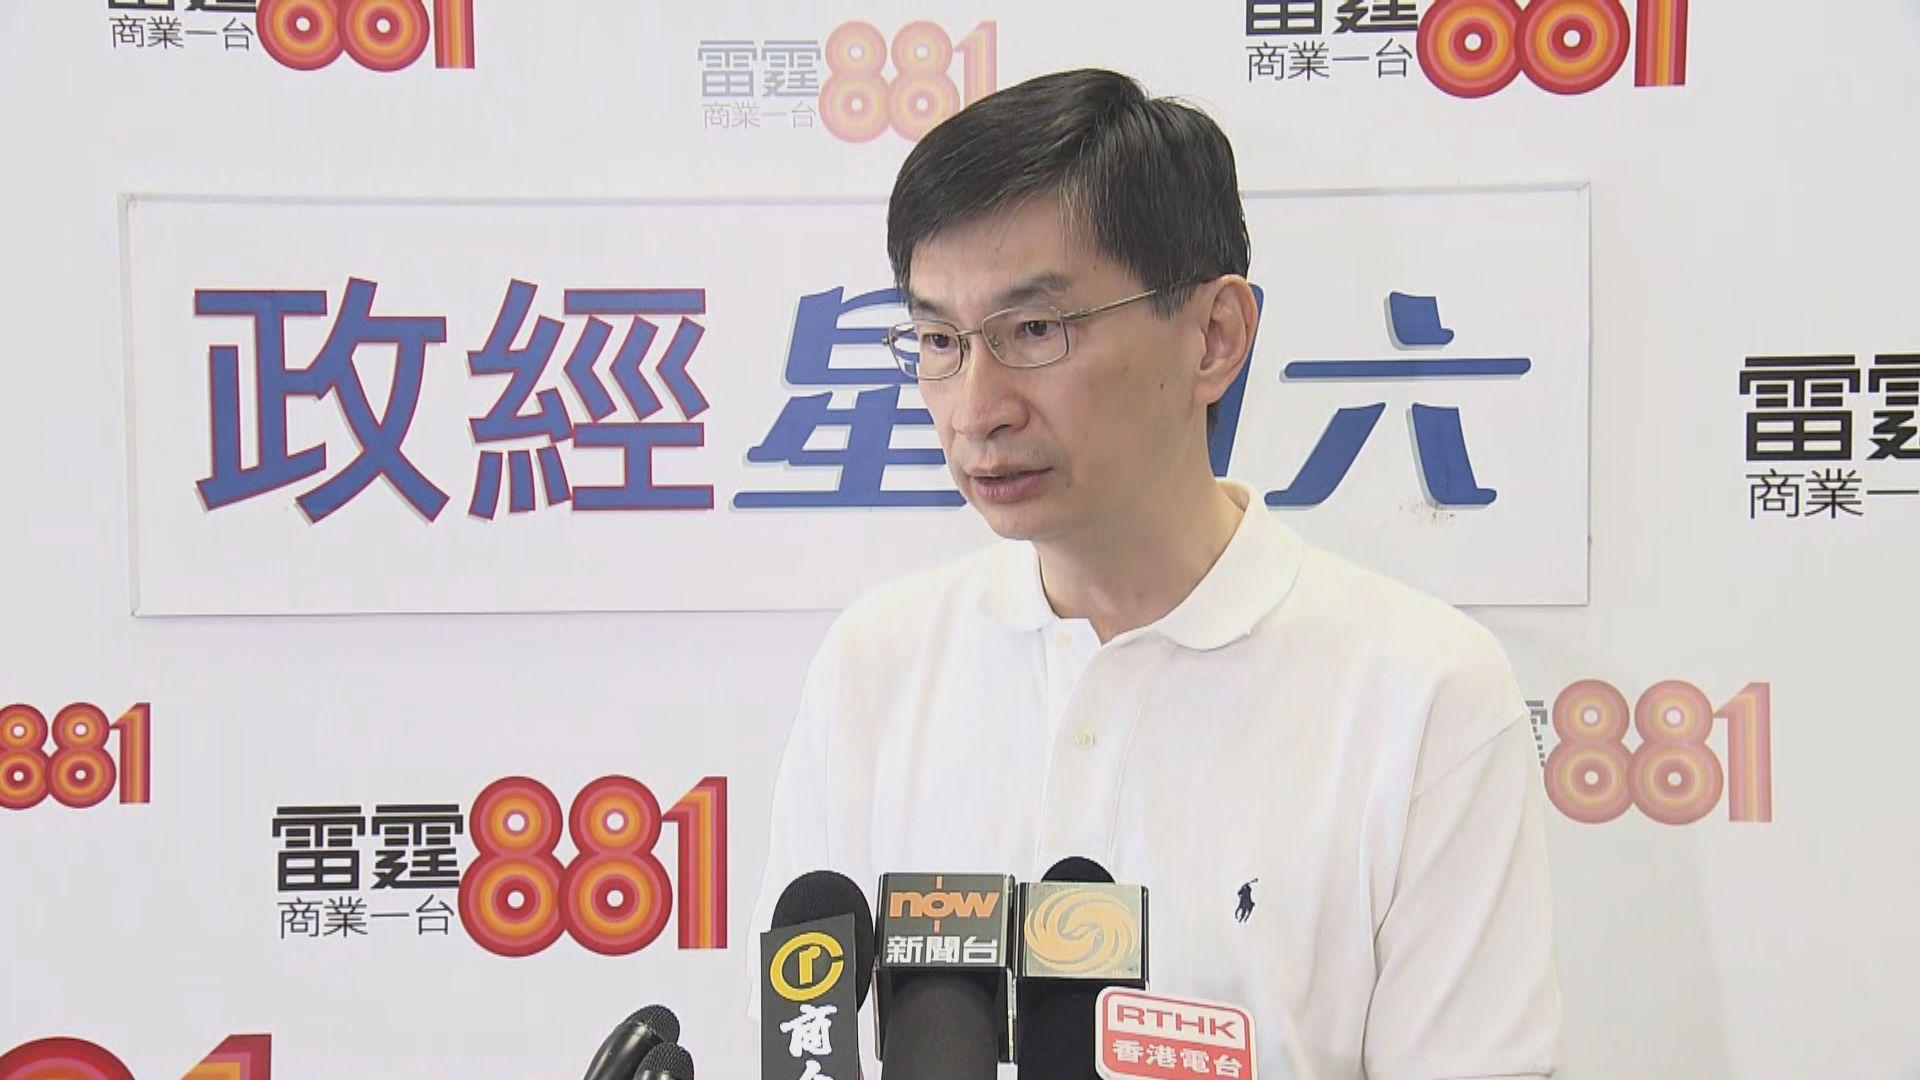 社聯行政總裁蔡海偉︰暫緩若令市民有信心可收貨